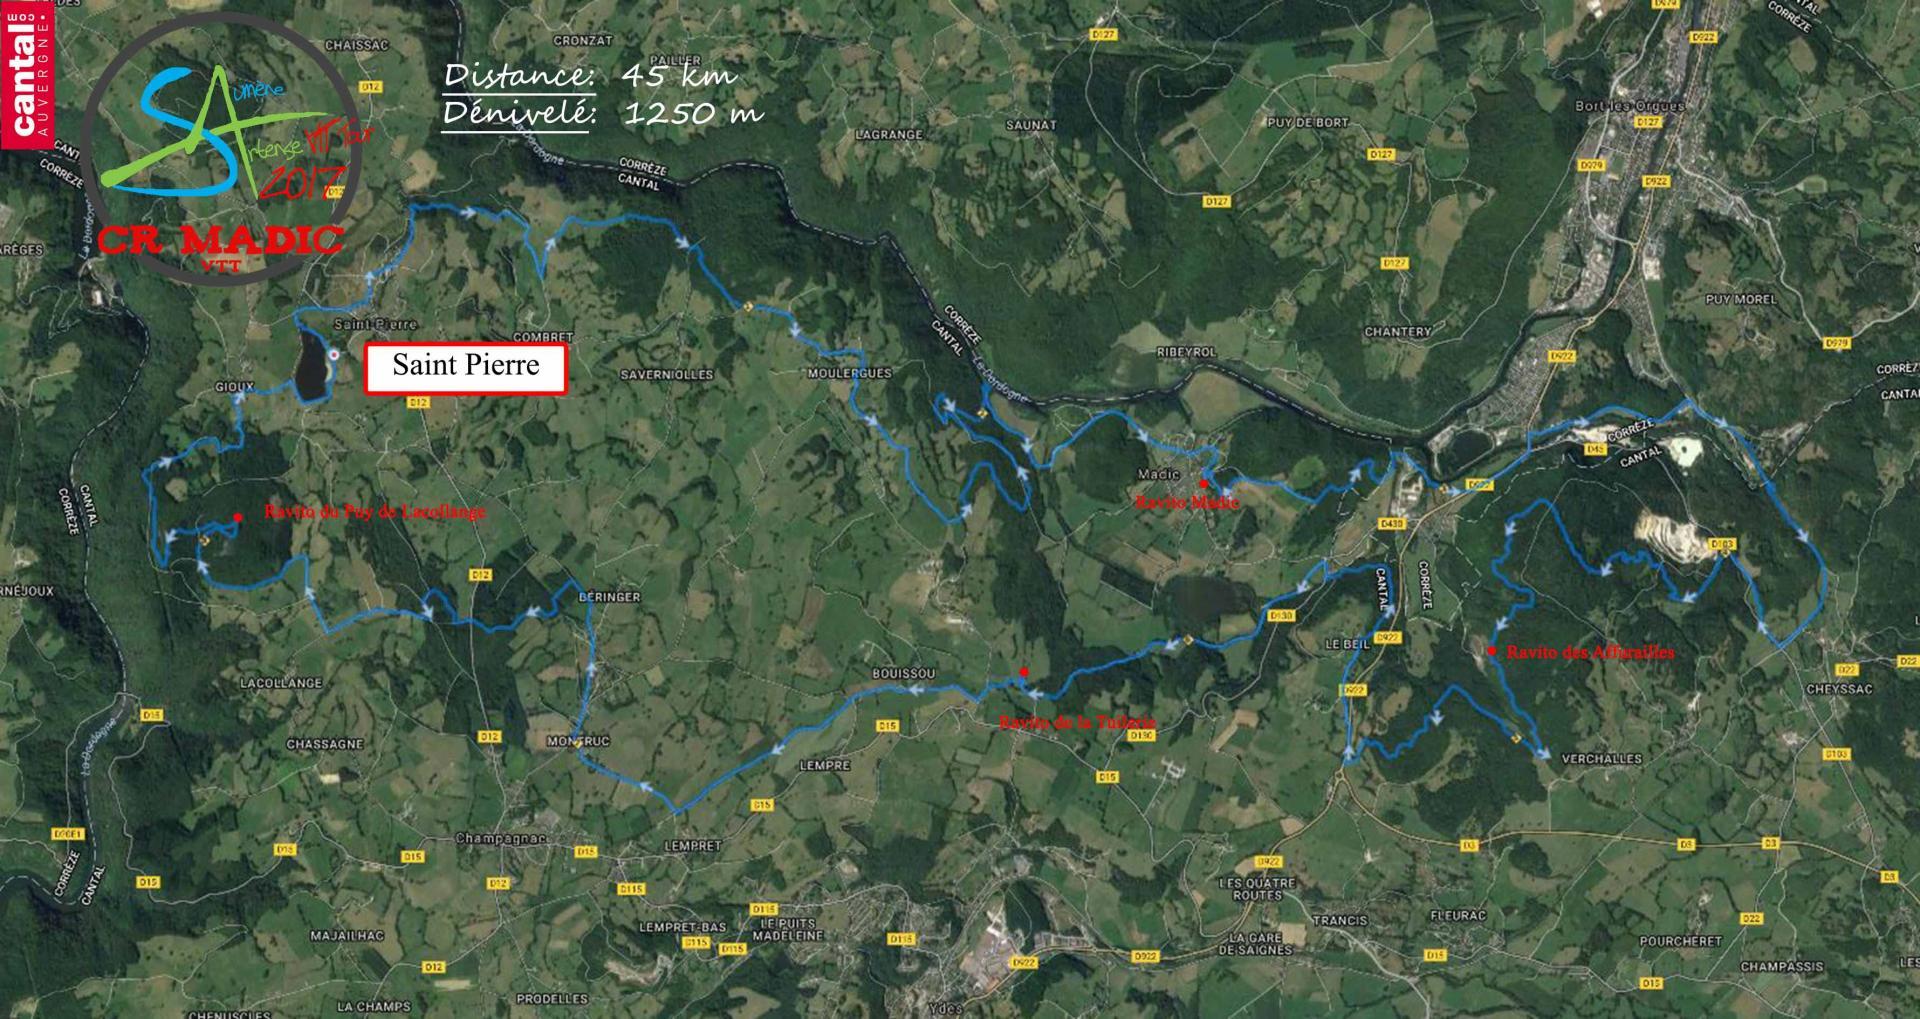 2017 savtt tour 45 km parcours